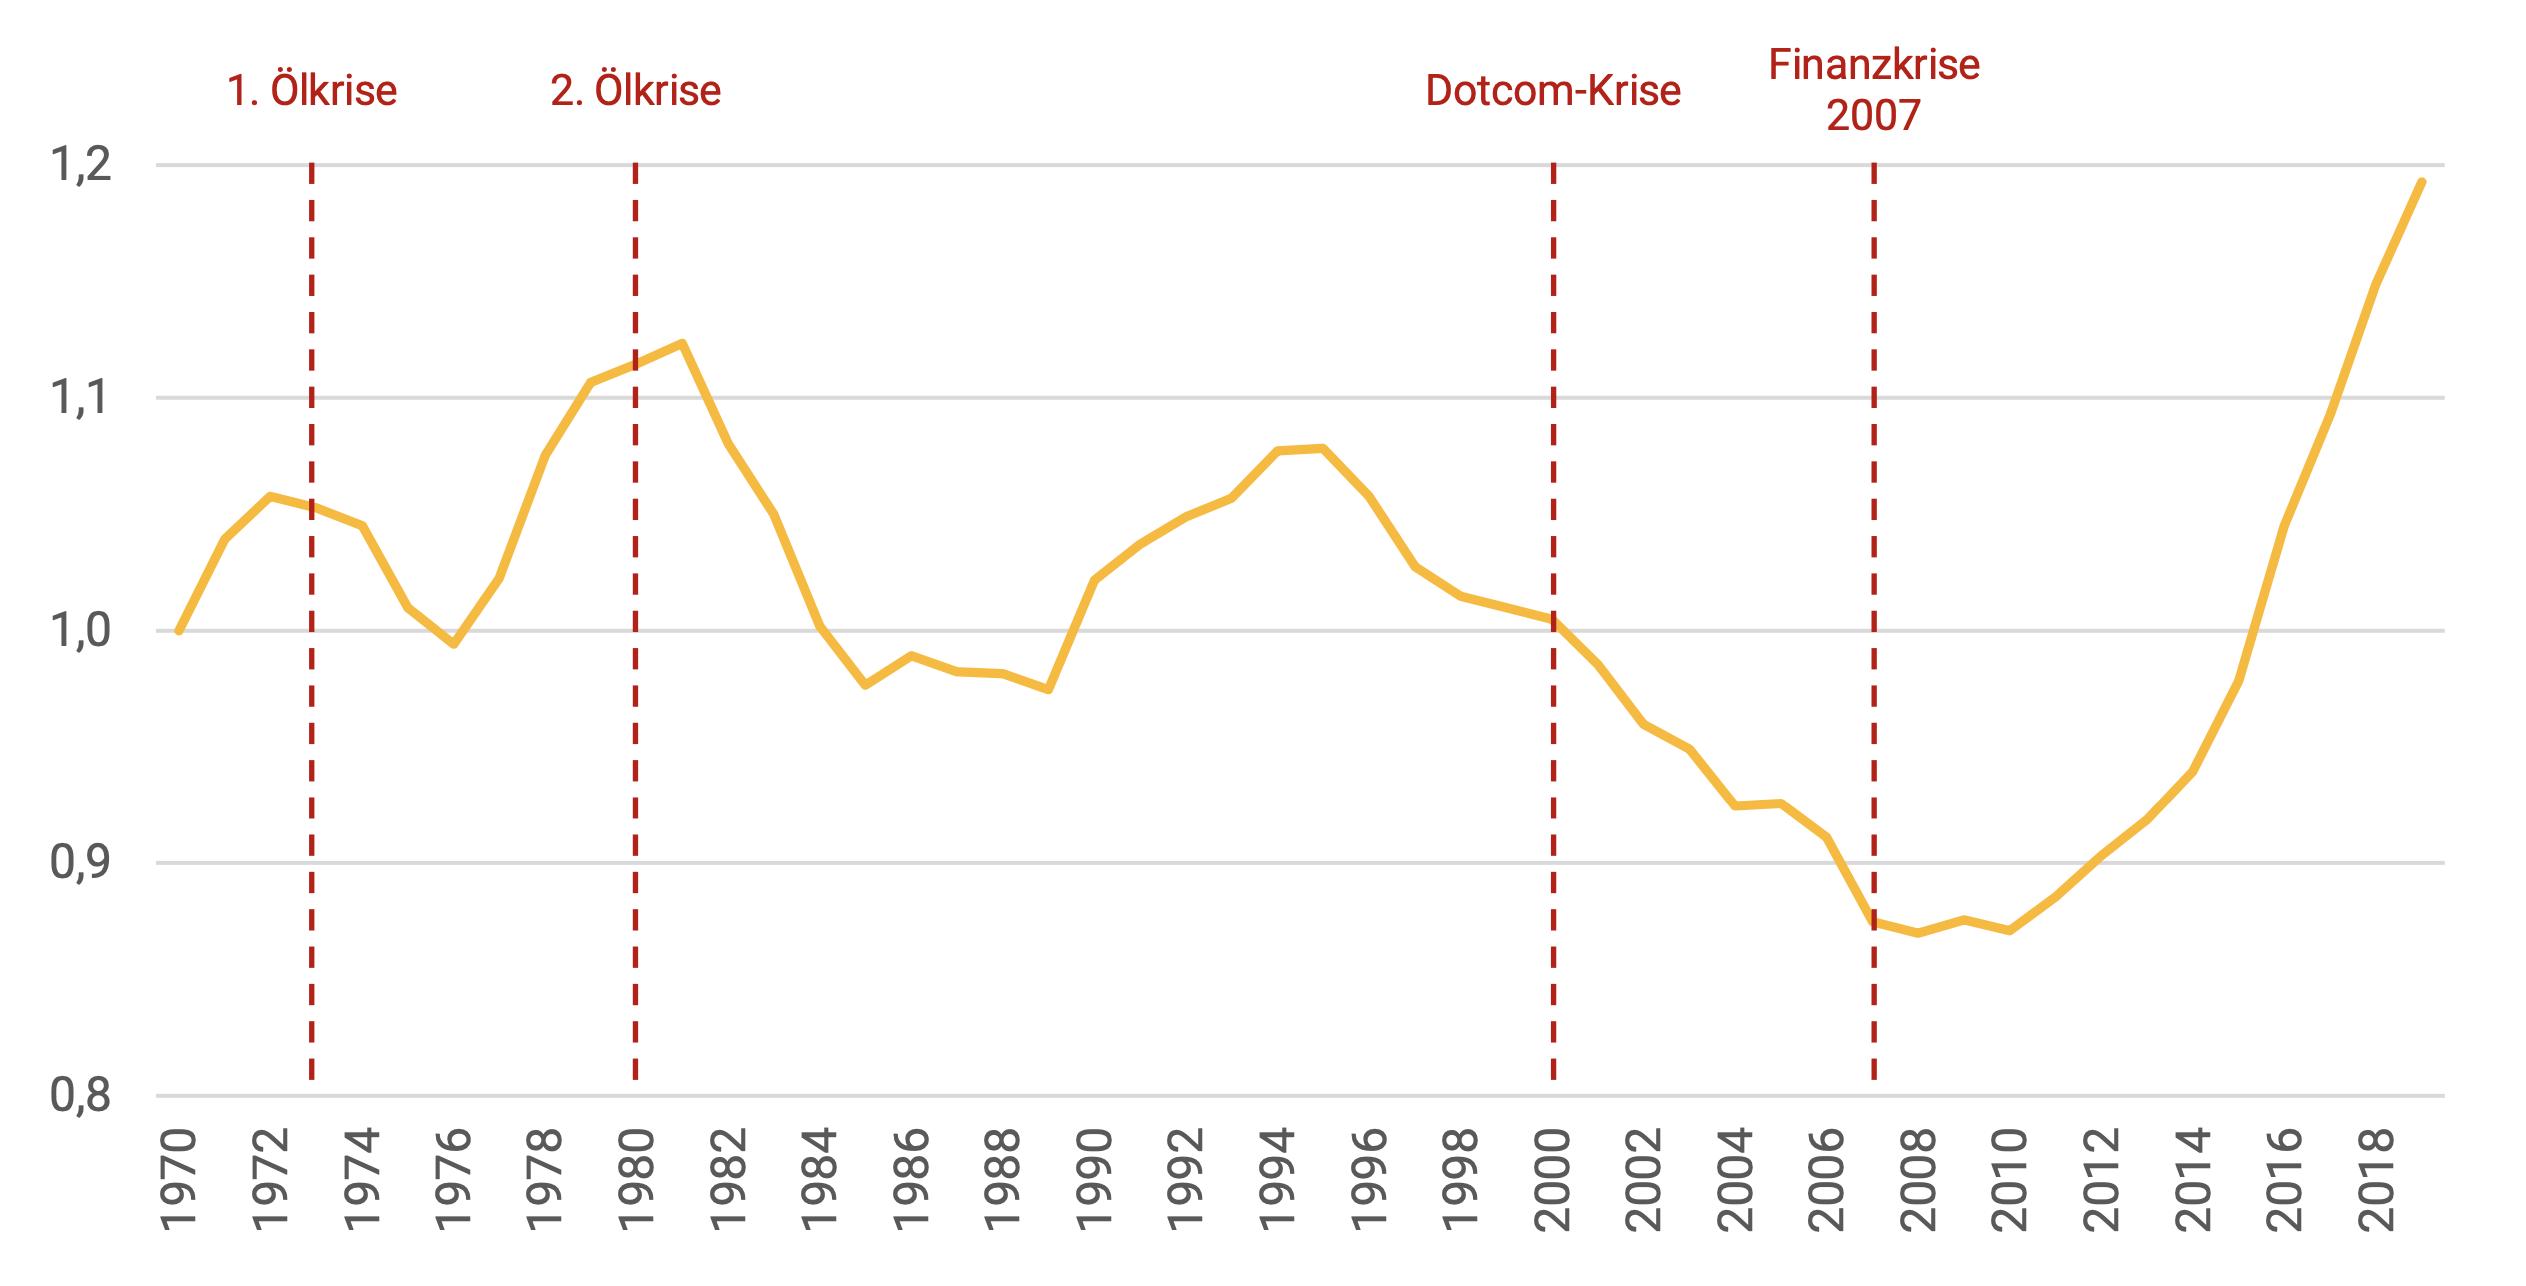 Abbildung 124. Entwicklung des deutschen Hauspreisindexes von 1970 bis 2019 (Index 1970 = 100; Quelle: Institute of Research in Economic and Fiscal Issues)